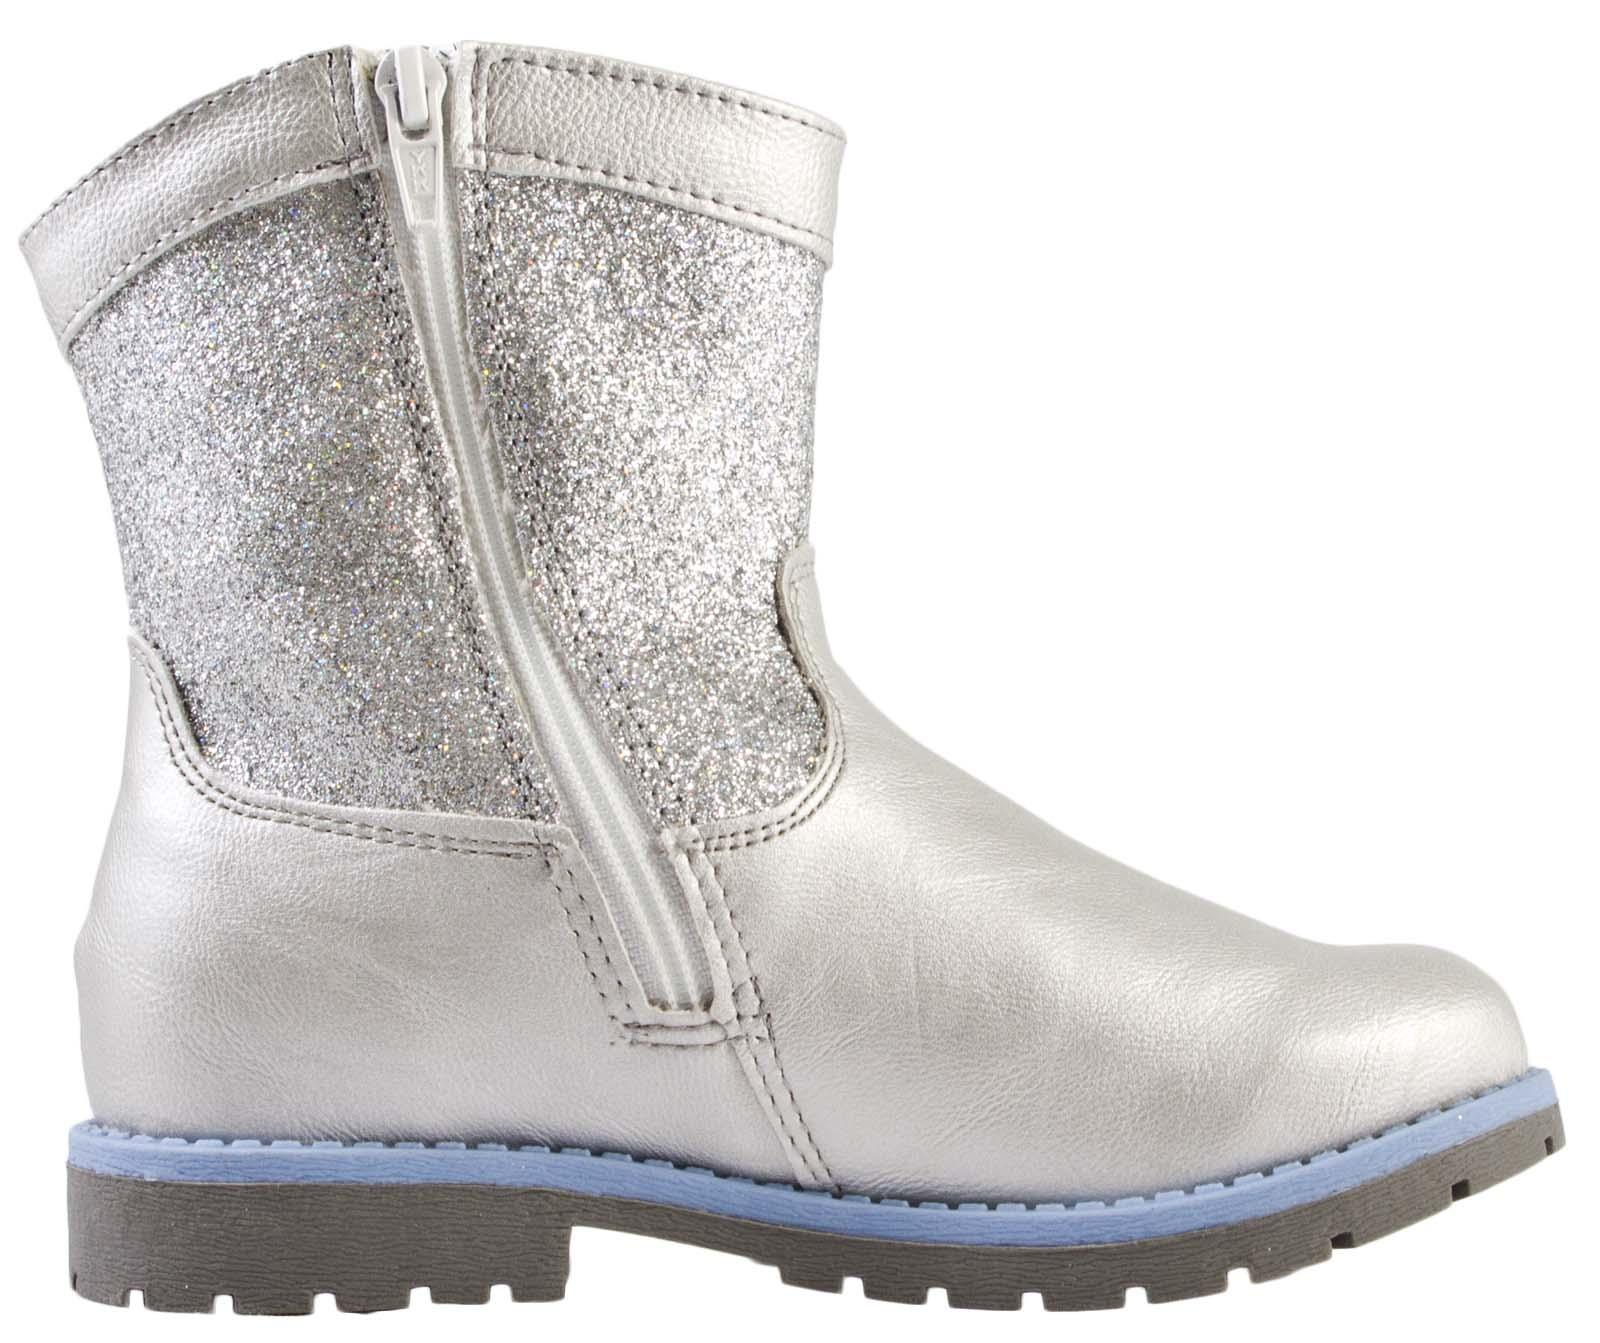 Girls Disney Frozen Warm Winter Boots Faux Fur Trim Snow Shoes ...